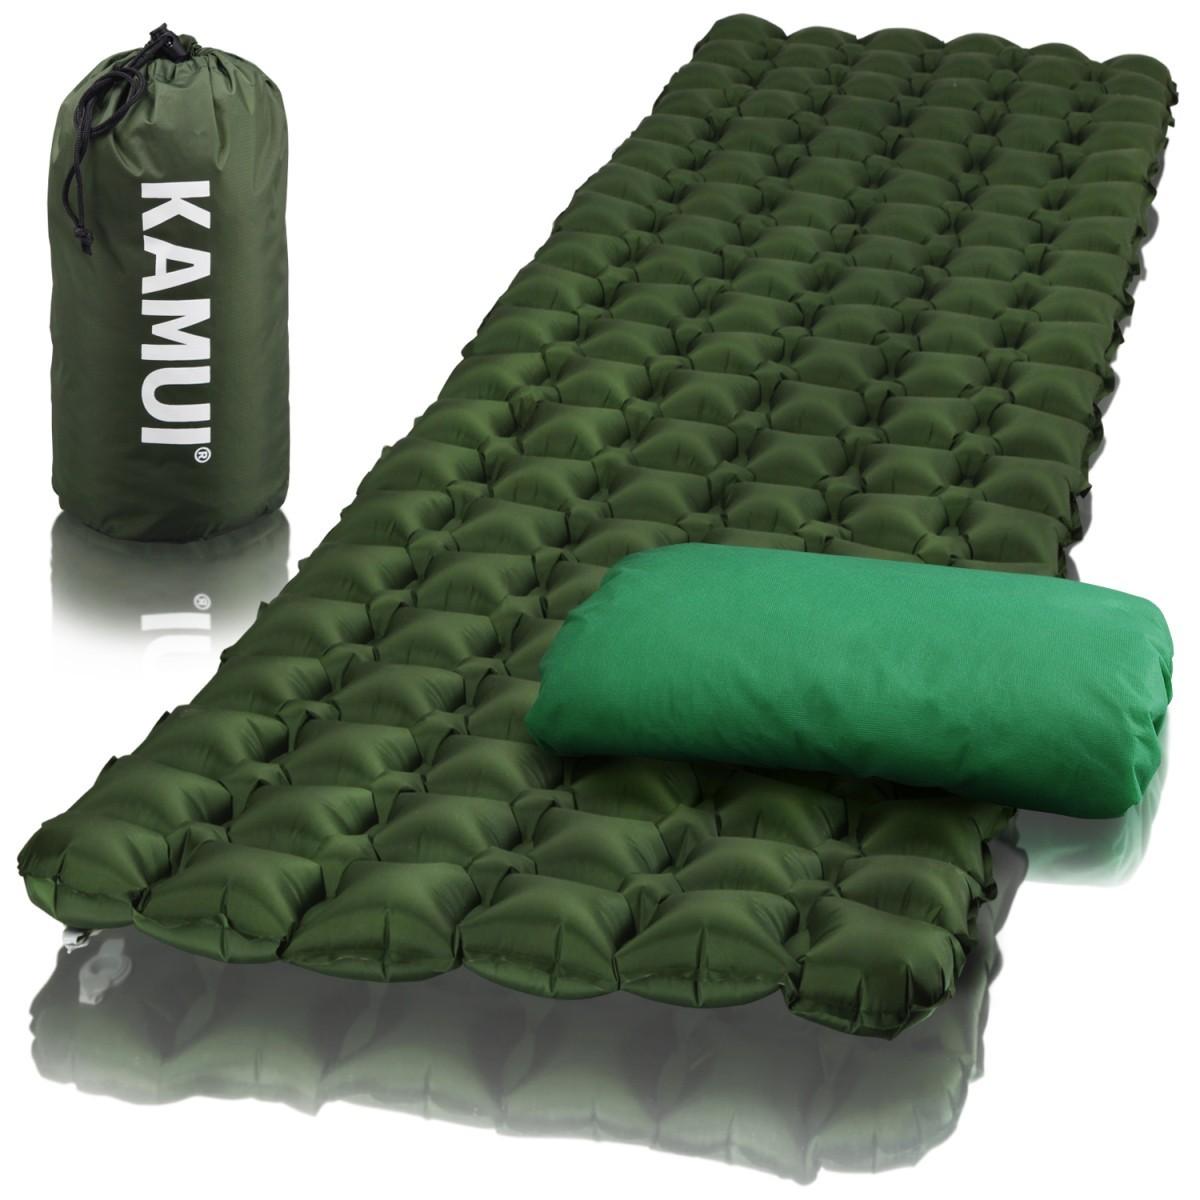 エアー パッド スリーピング キャンプ マット 軽量 コンパクト バックパッキング 防災 枕 カバー 修理パッチ グリーン